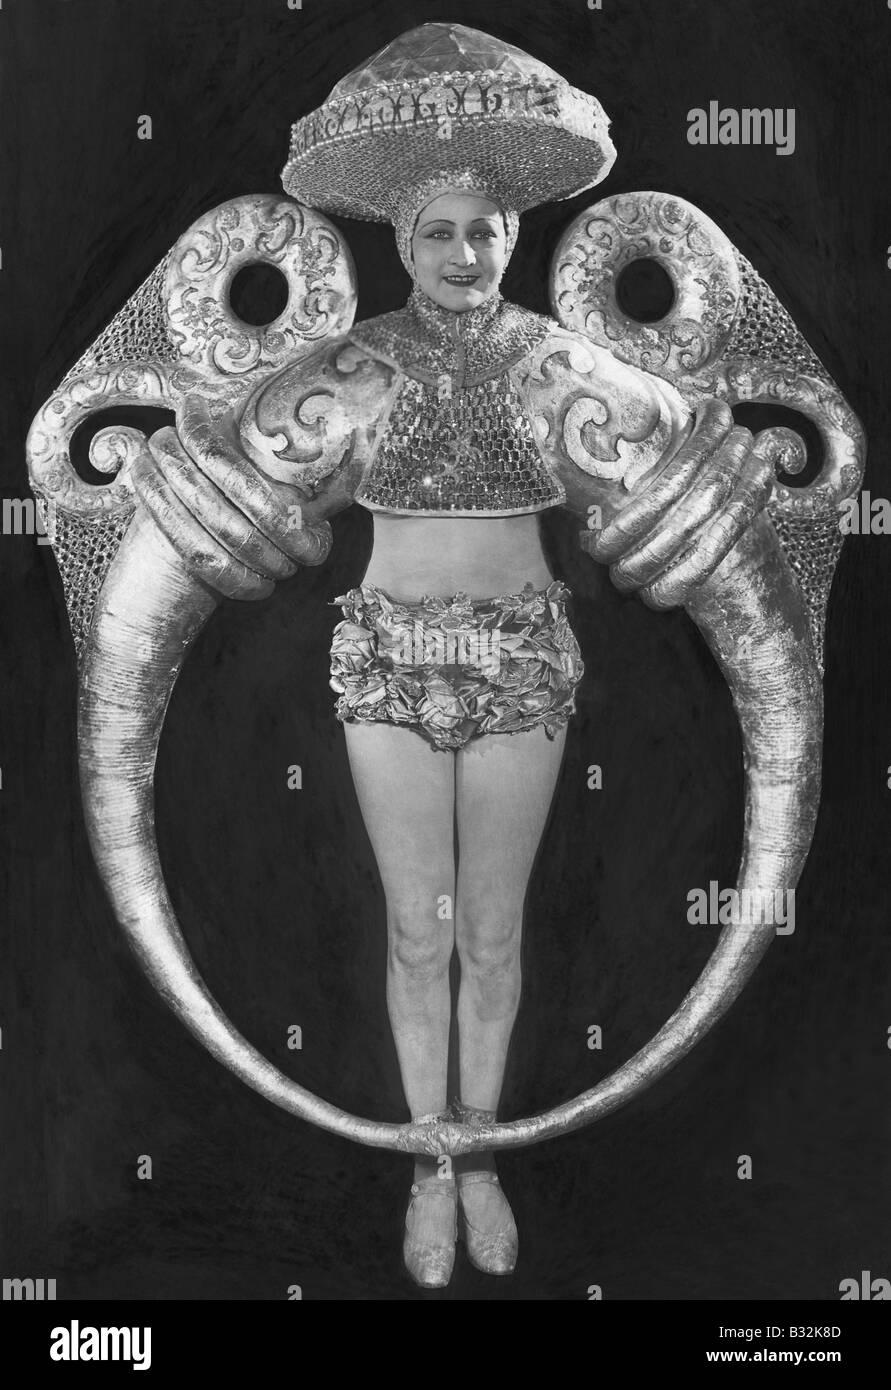 Retrato de mujer en elaborados trajes de anillo Imagen De Stock